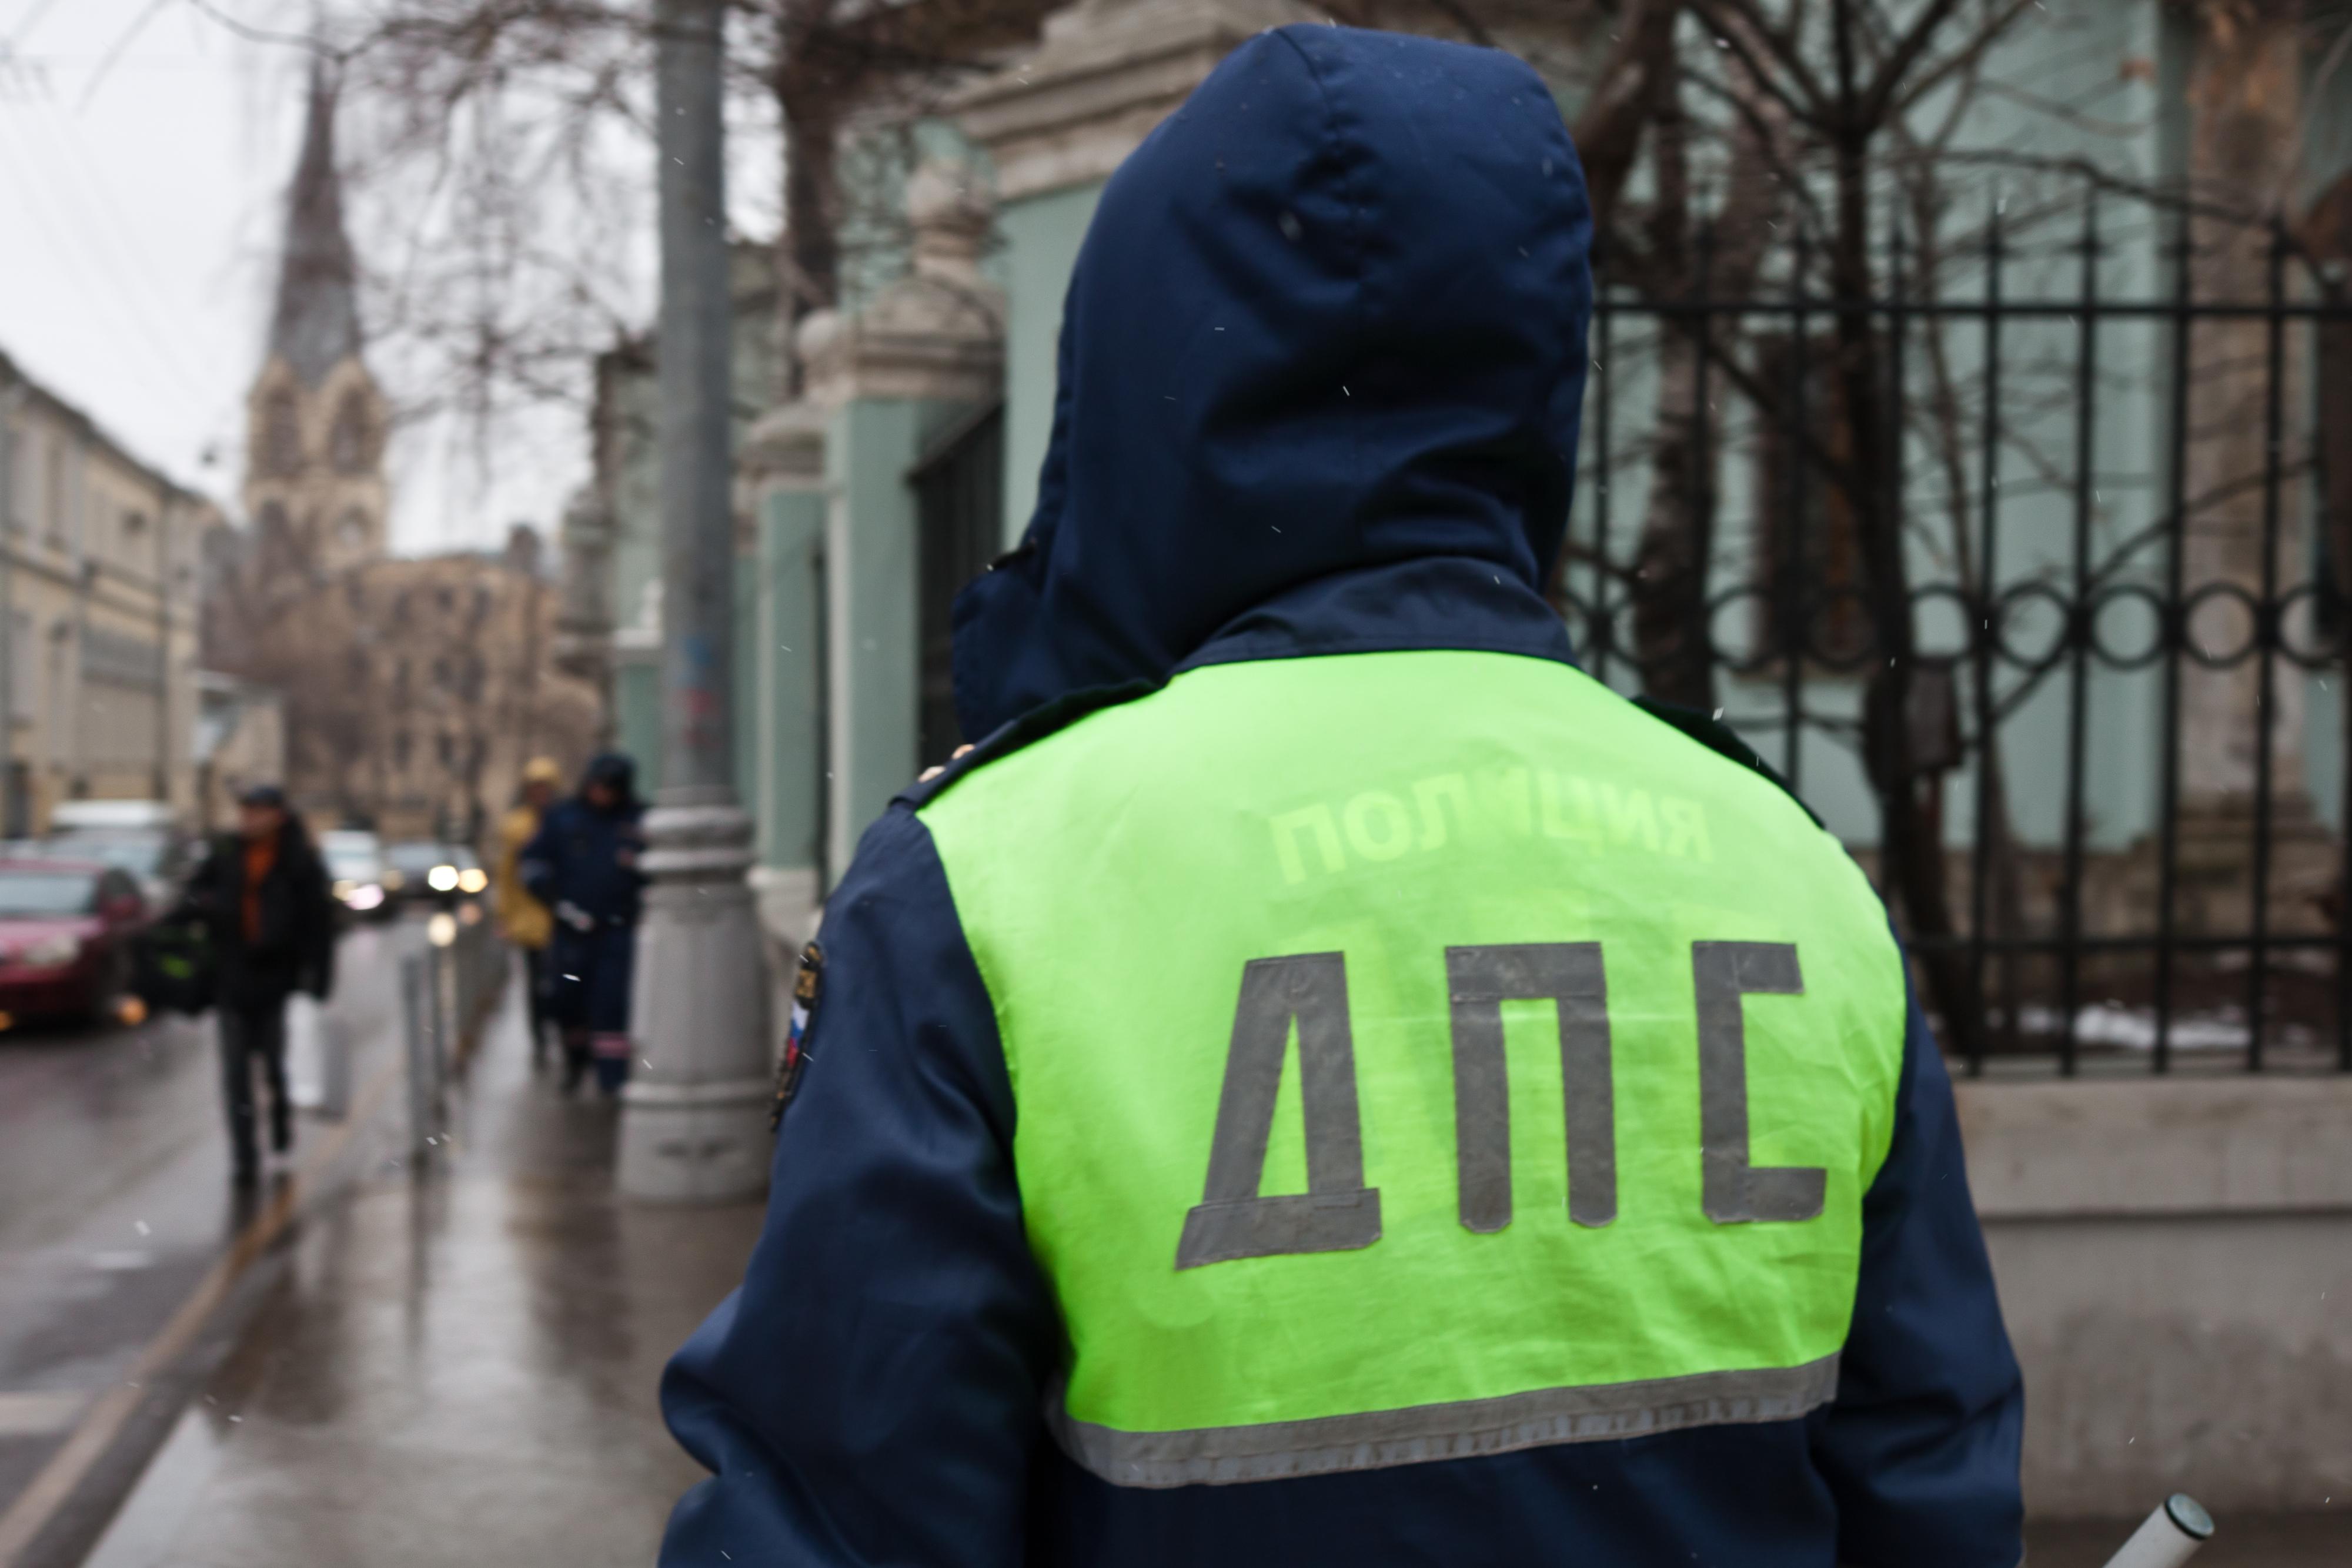 В Дмитрове в погоне задержали мужчину в наркотическом опьянении